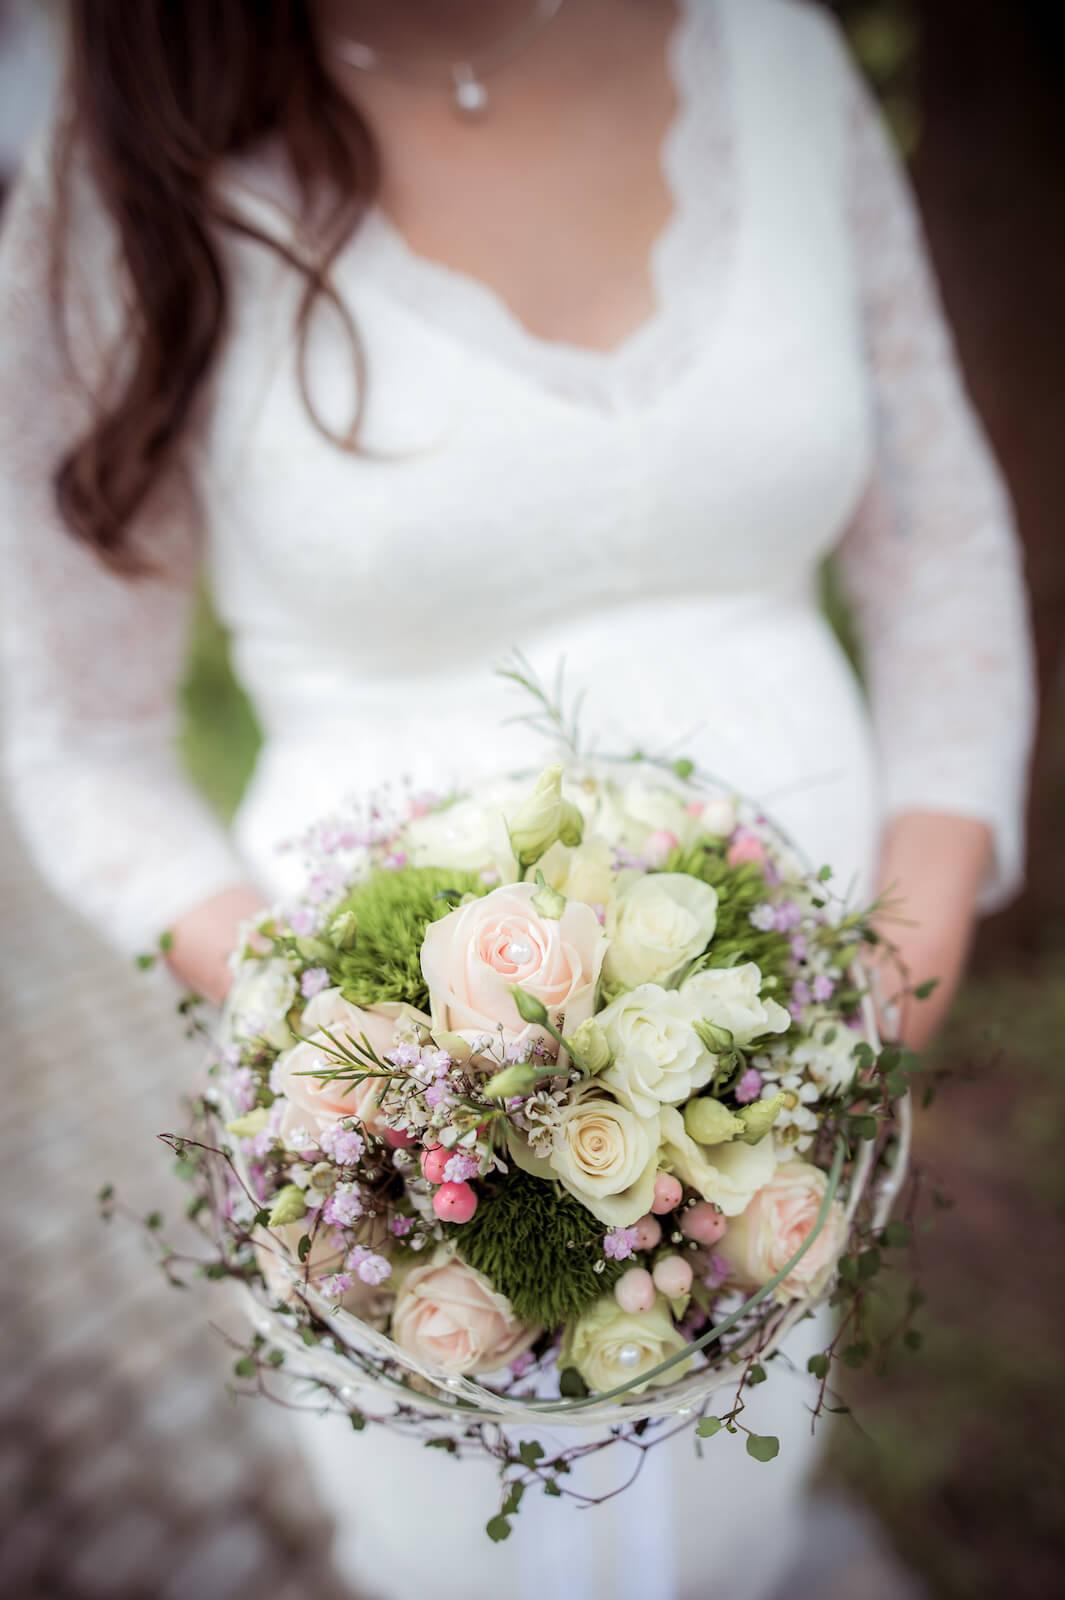 Hochzeit mit Babybauch - der Hochzeitsstrauß in Händen der schwangeren Braut